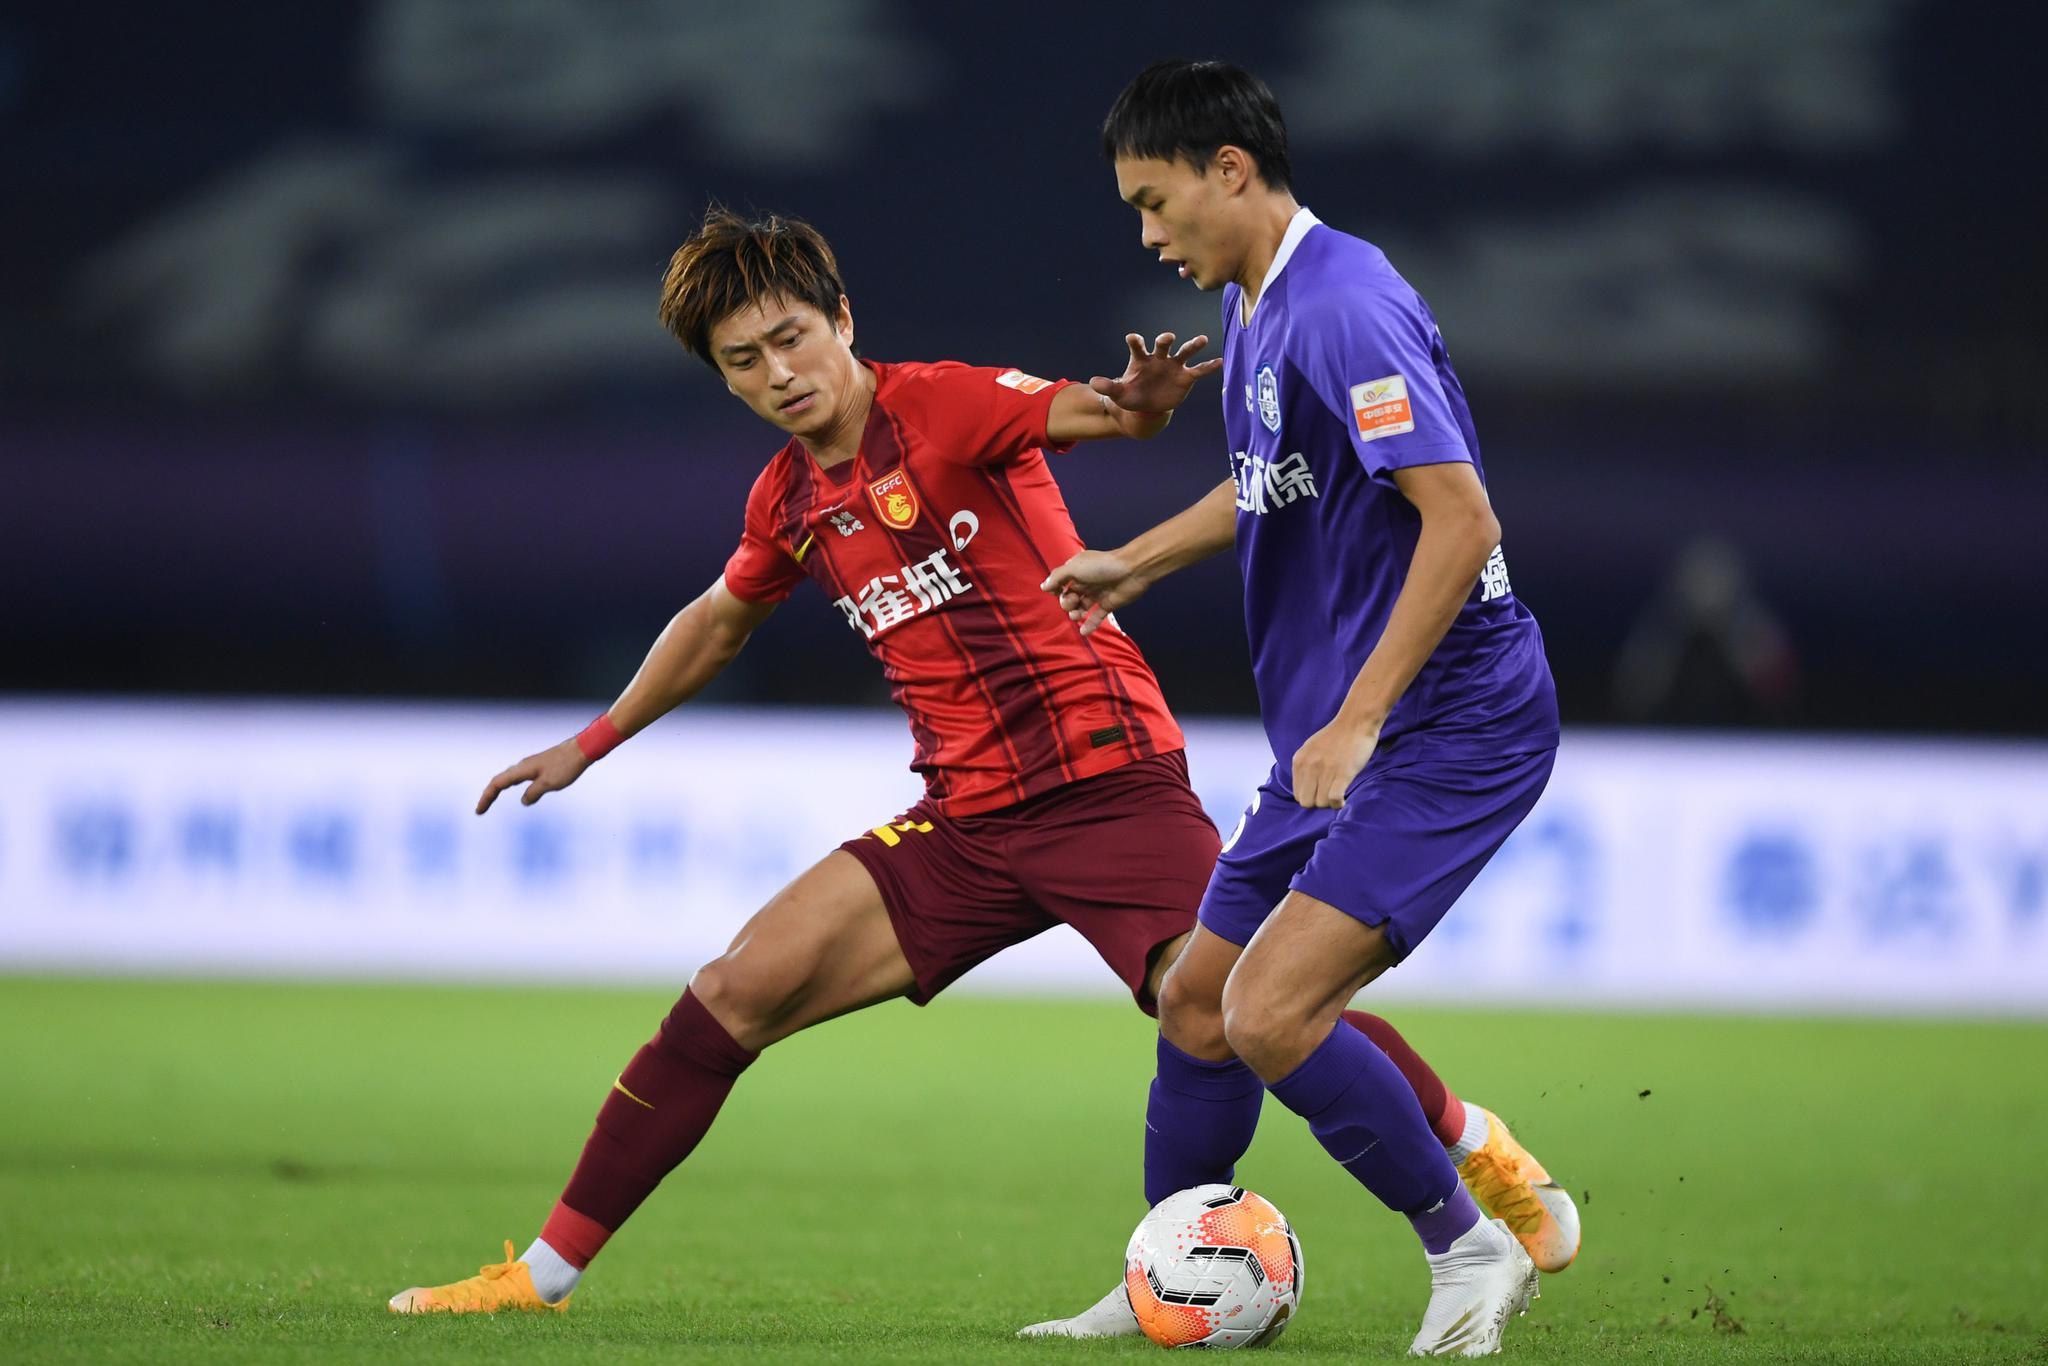 半场:图雷高拉特刘若钒失良机,泰达0-0华夏幸福